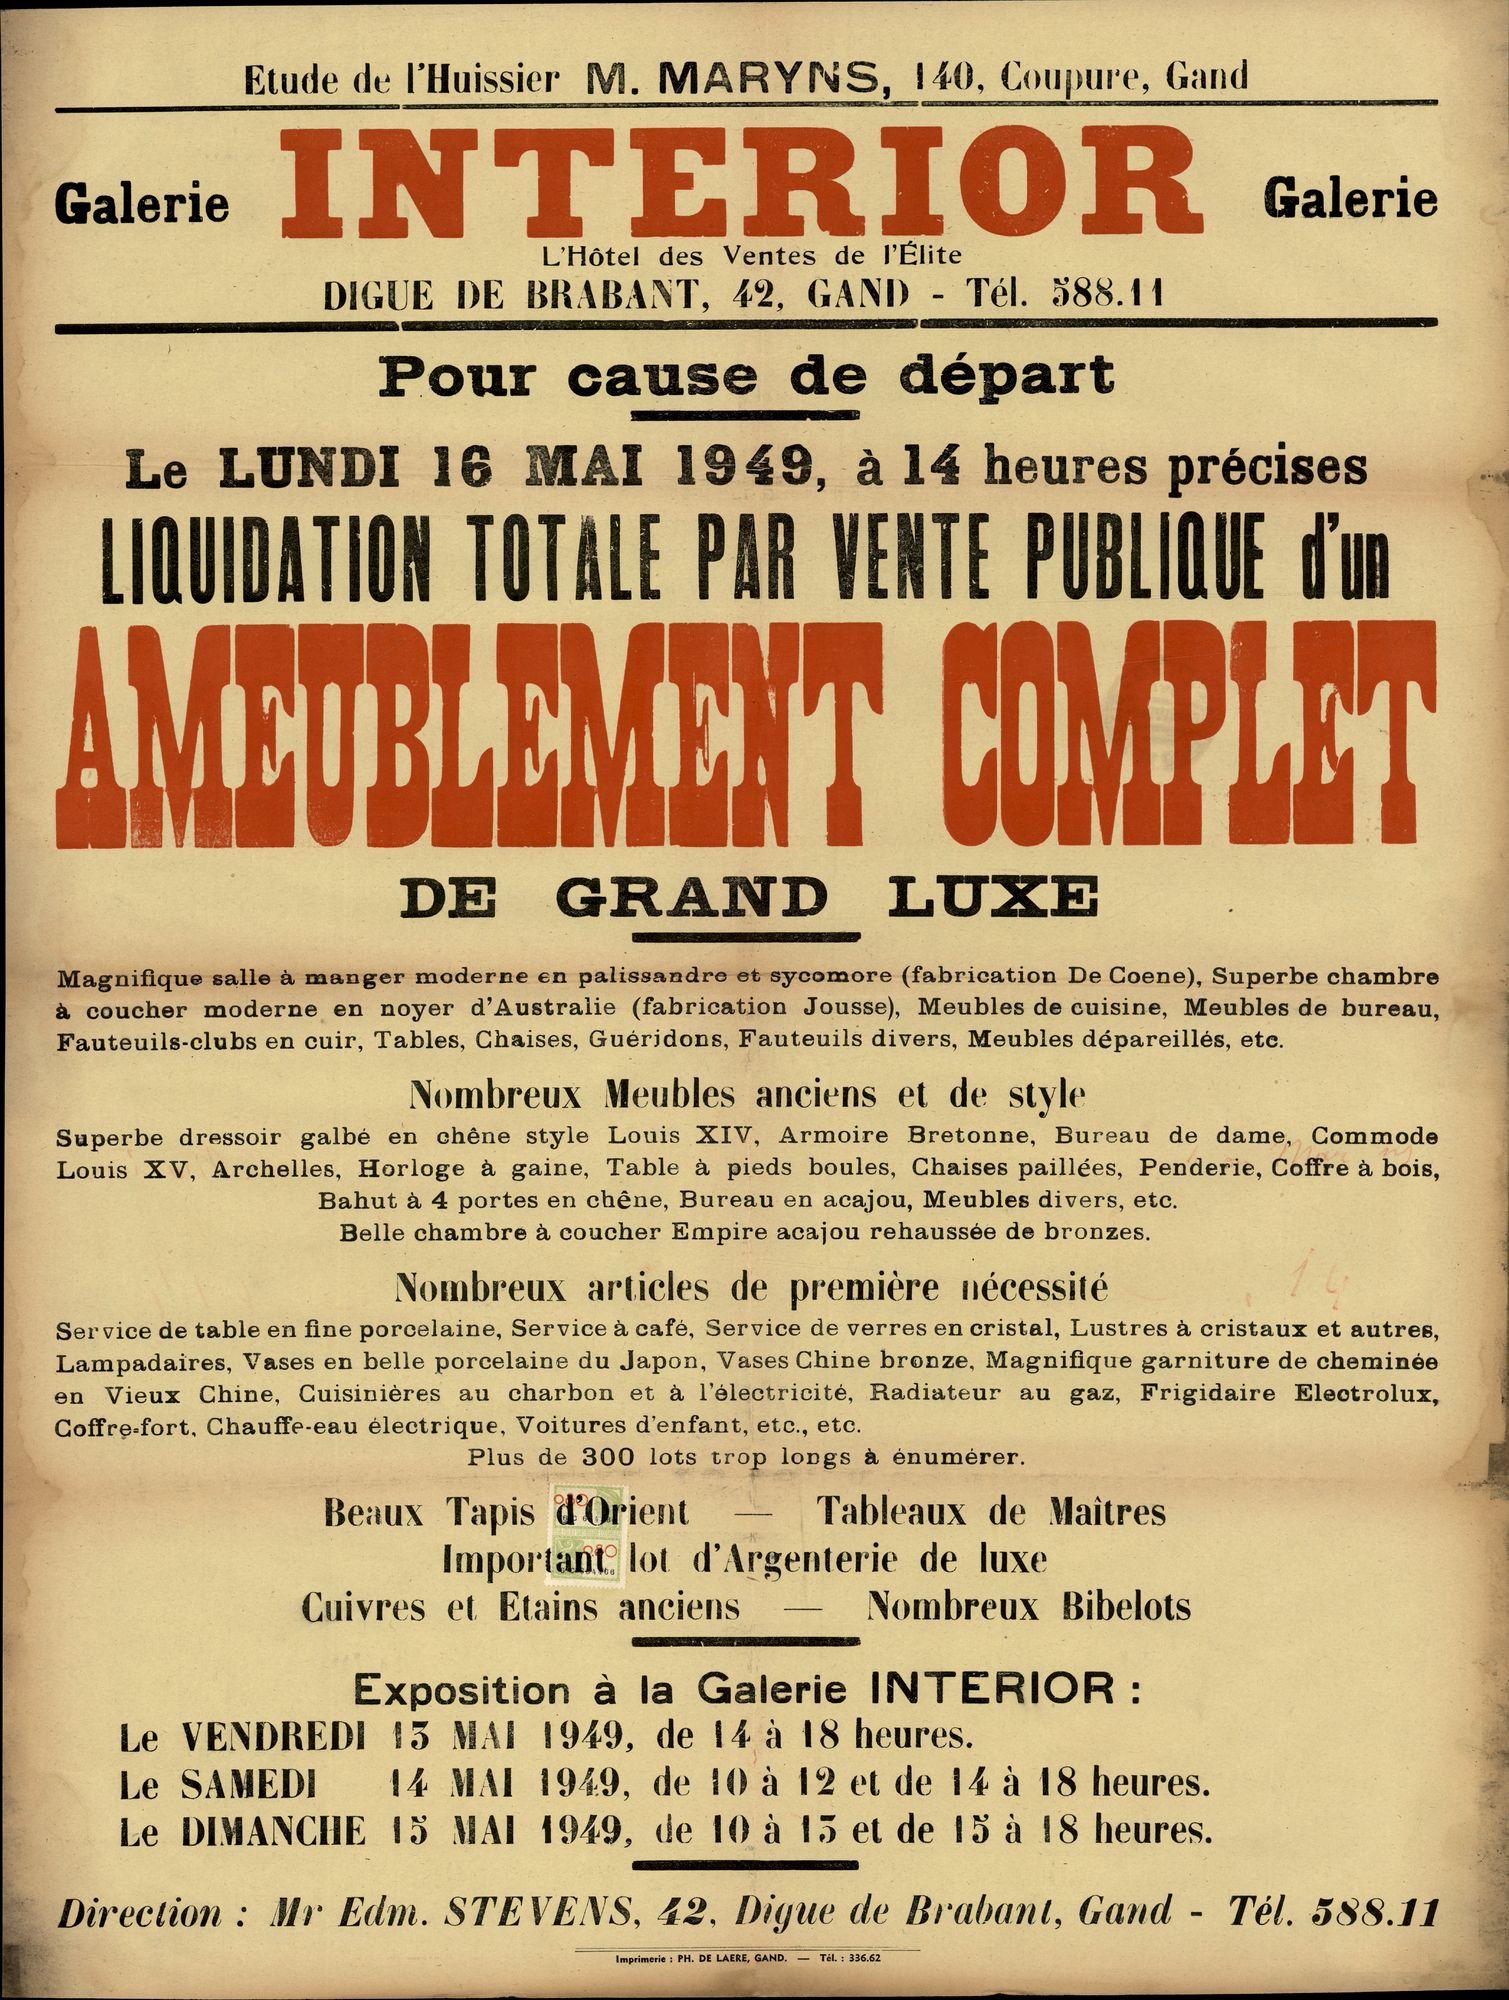 Liquidation totale par vente publique d'un ameublement complet de grand luxe, Galerie Interior, Digue De Brabant 42,  Gand, 16 mai 1949